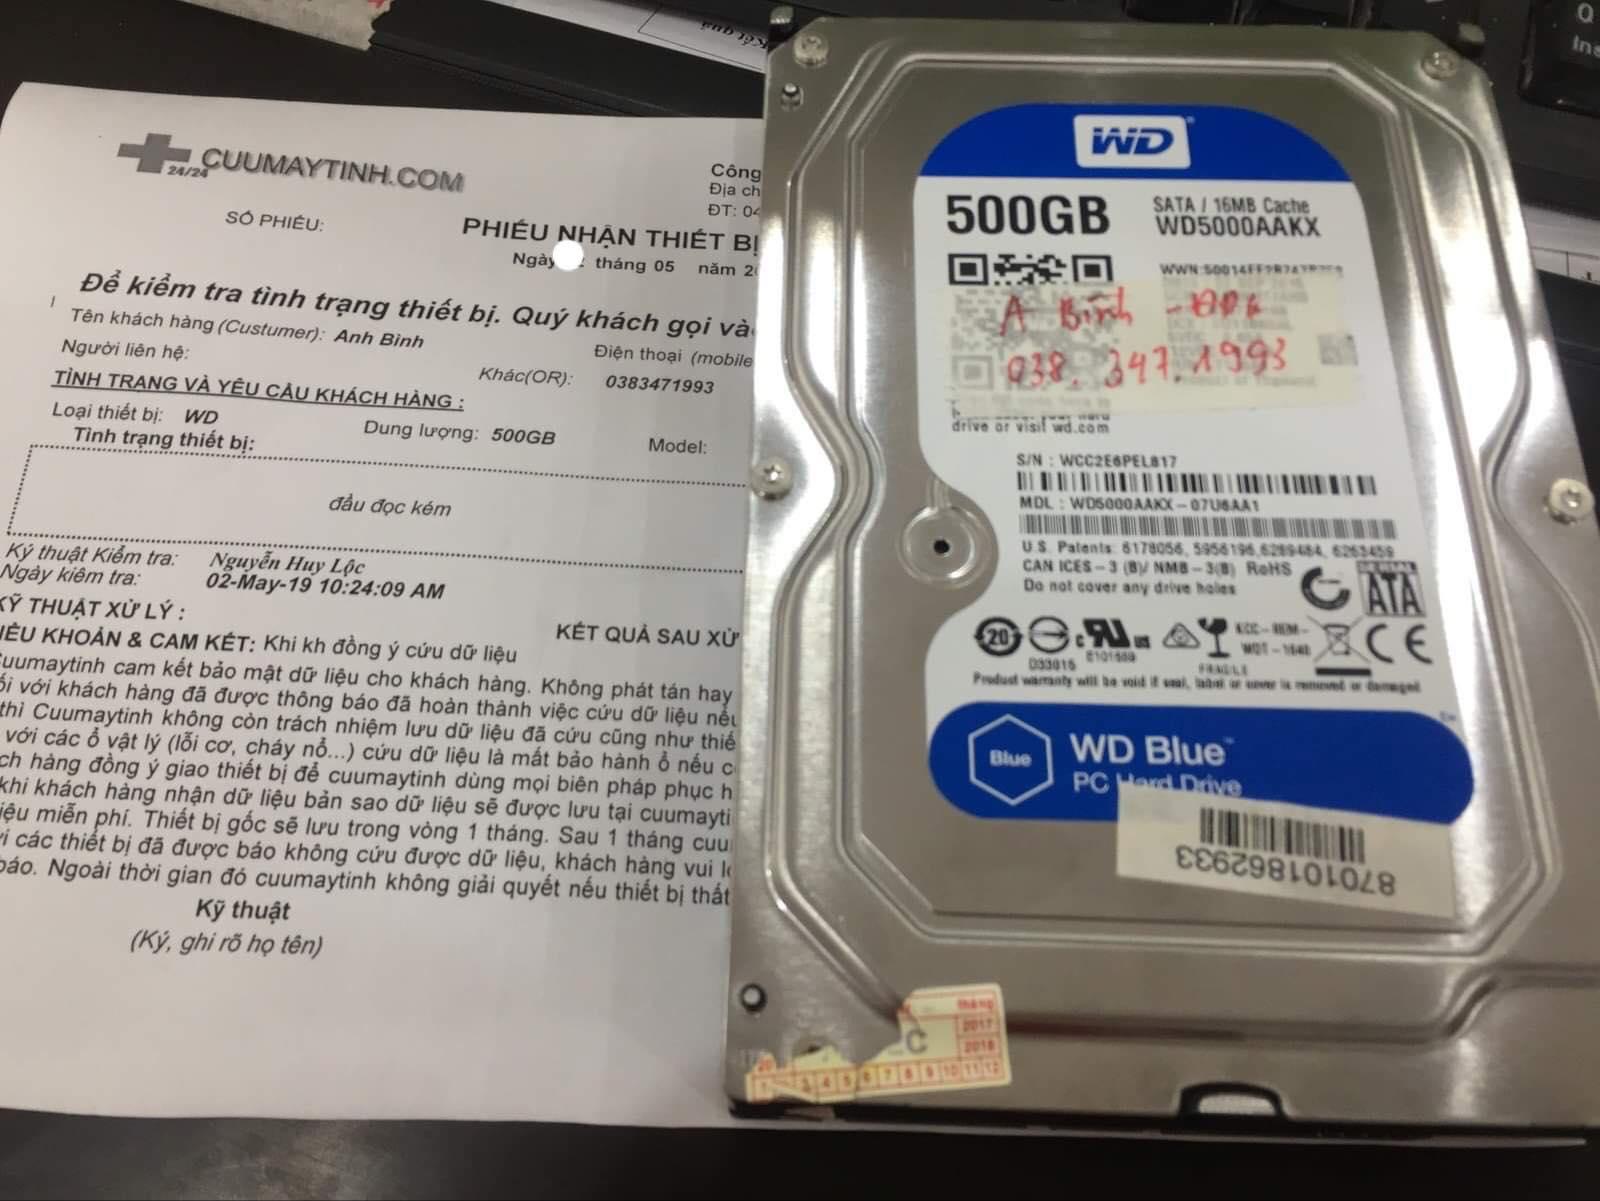 Lấy dữ liệu ổ cứng Western 500GB đầu đọc kém 04/05/2019 - cuumaytinh